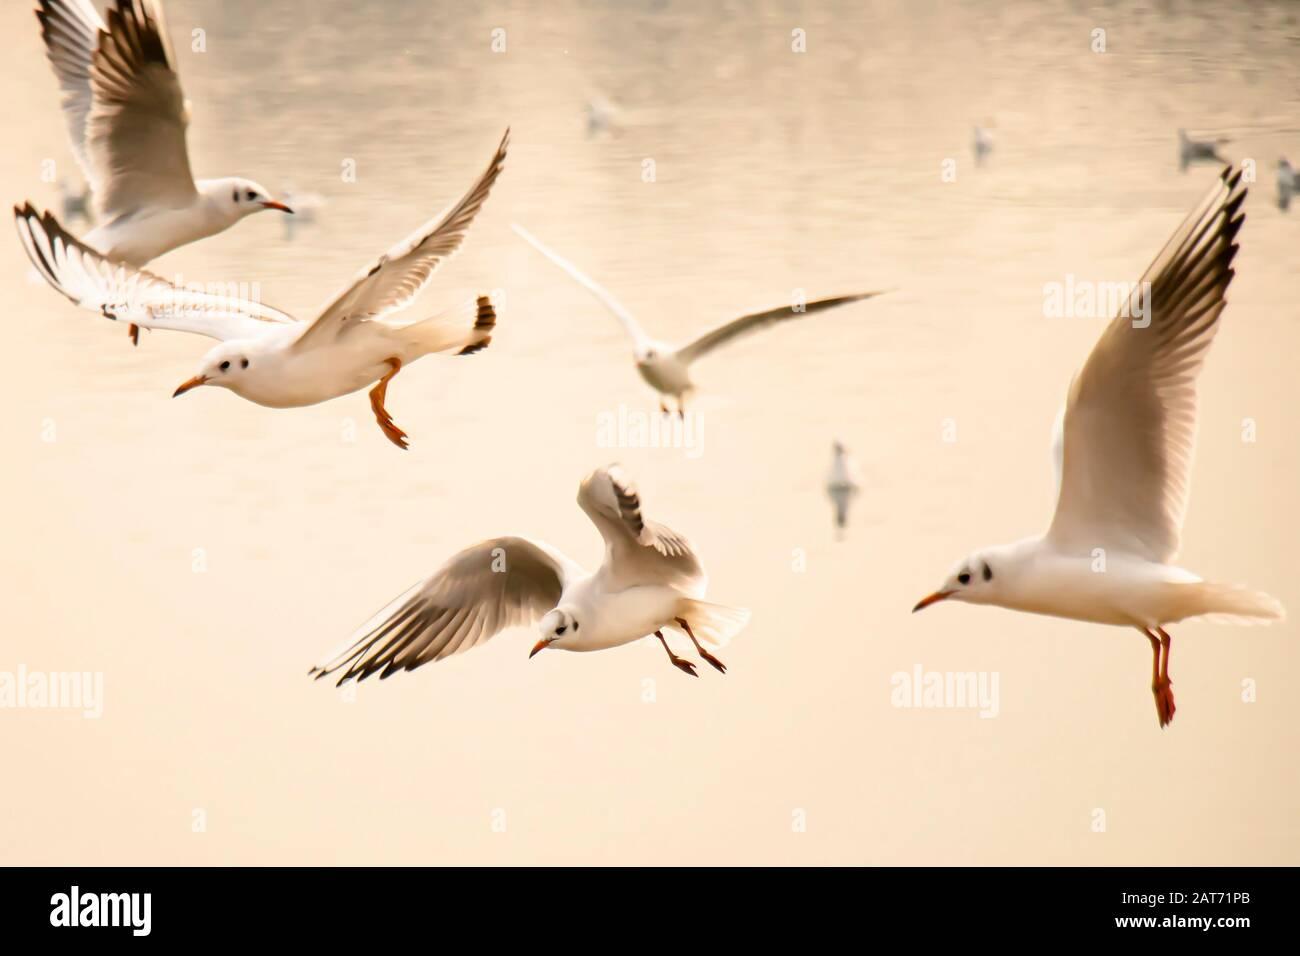 Des mouettes volantes au-dessus de l'eau de la rivière au coucher du soleil, près Banque D'Images